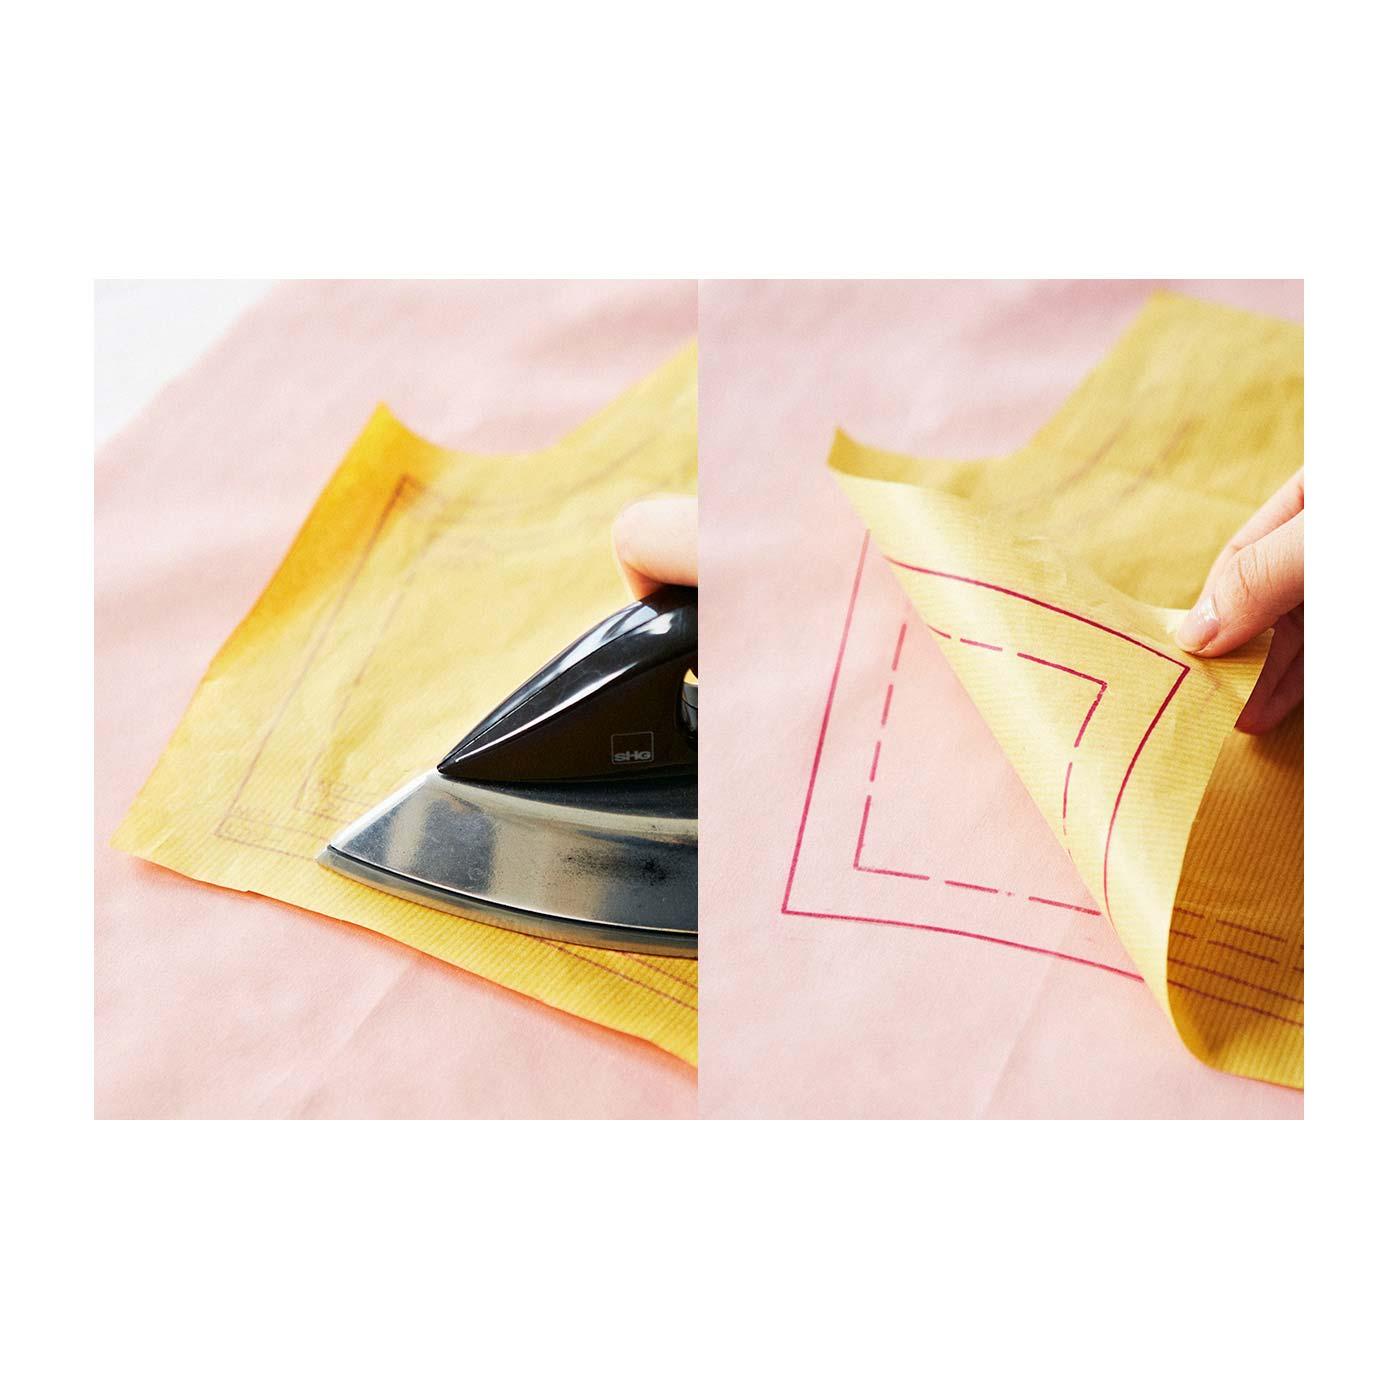 めんどうな型紙写しが、アイロン転写で簡単に写せます。